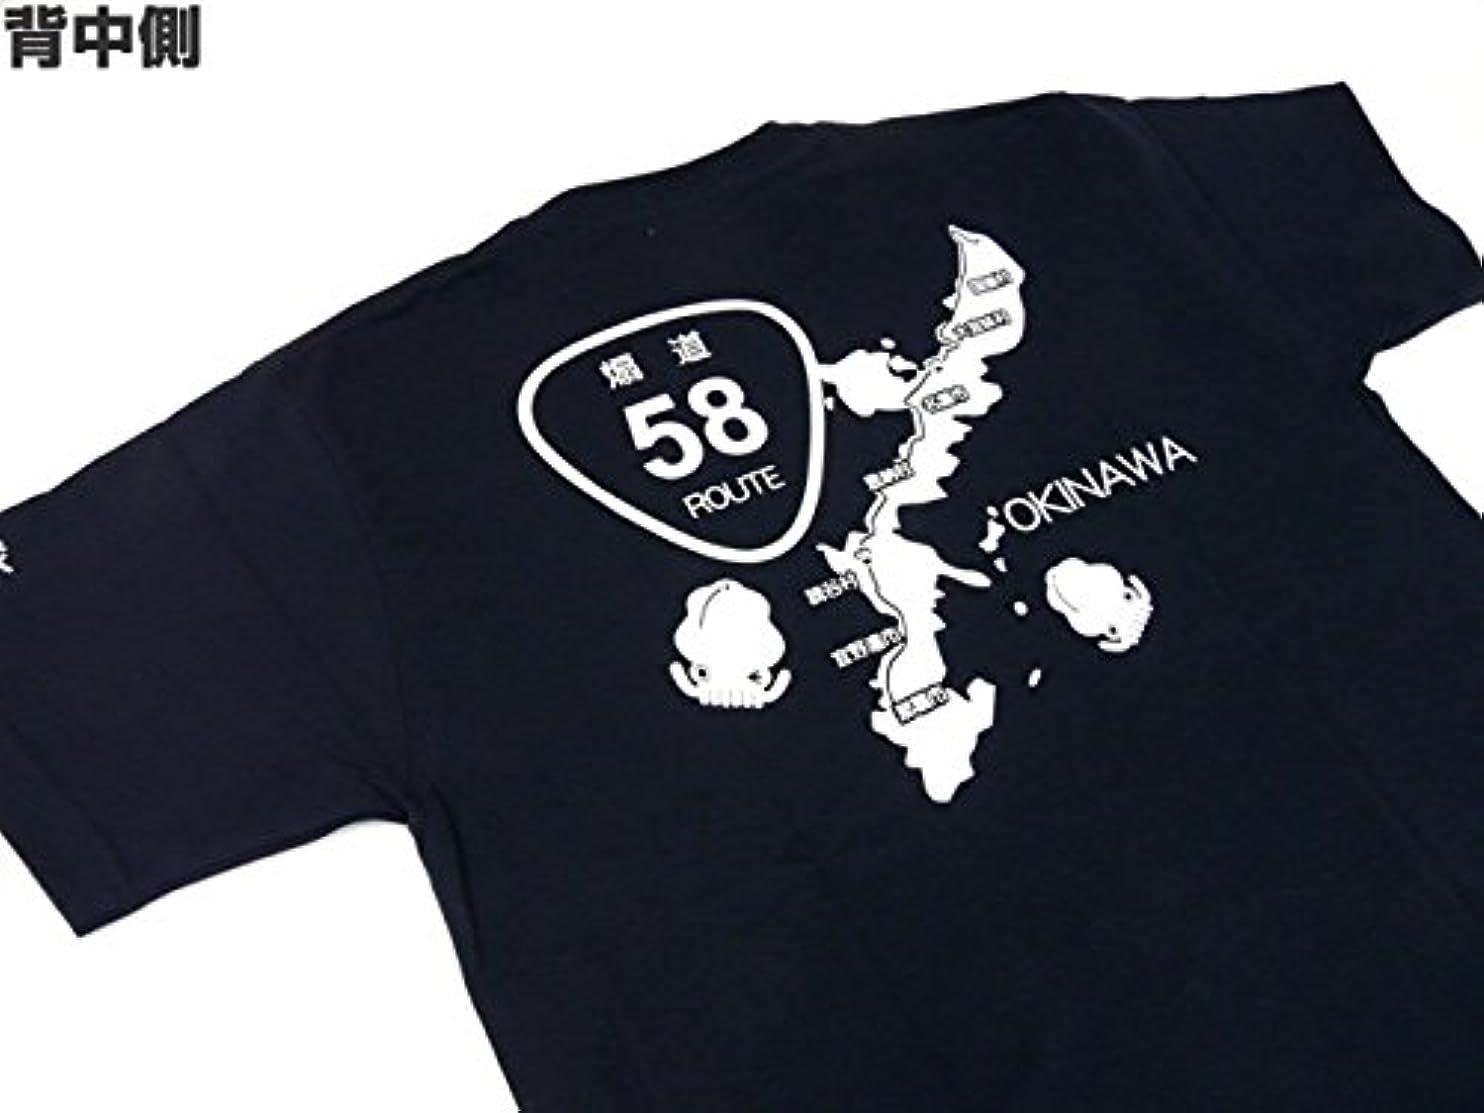 荒涼とした匿名涙が出るあおりねっとオリジナルTシャツ(煽道沖縄バージョン)ネイビー M